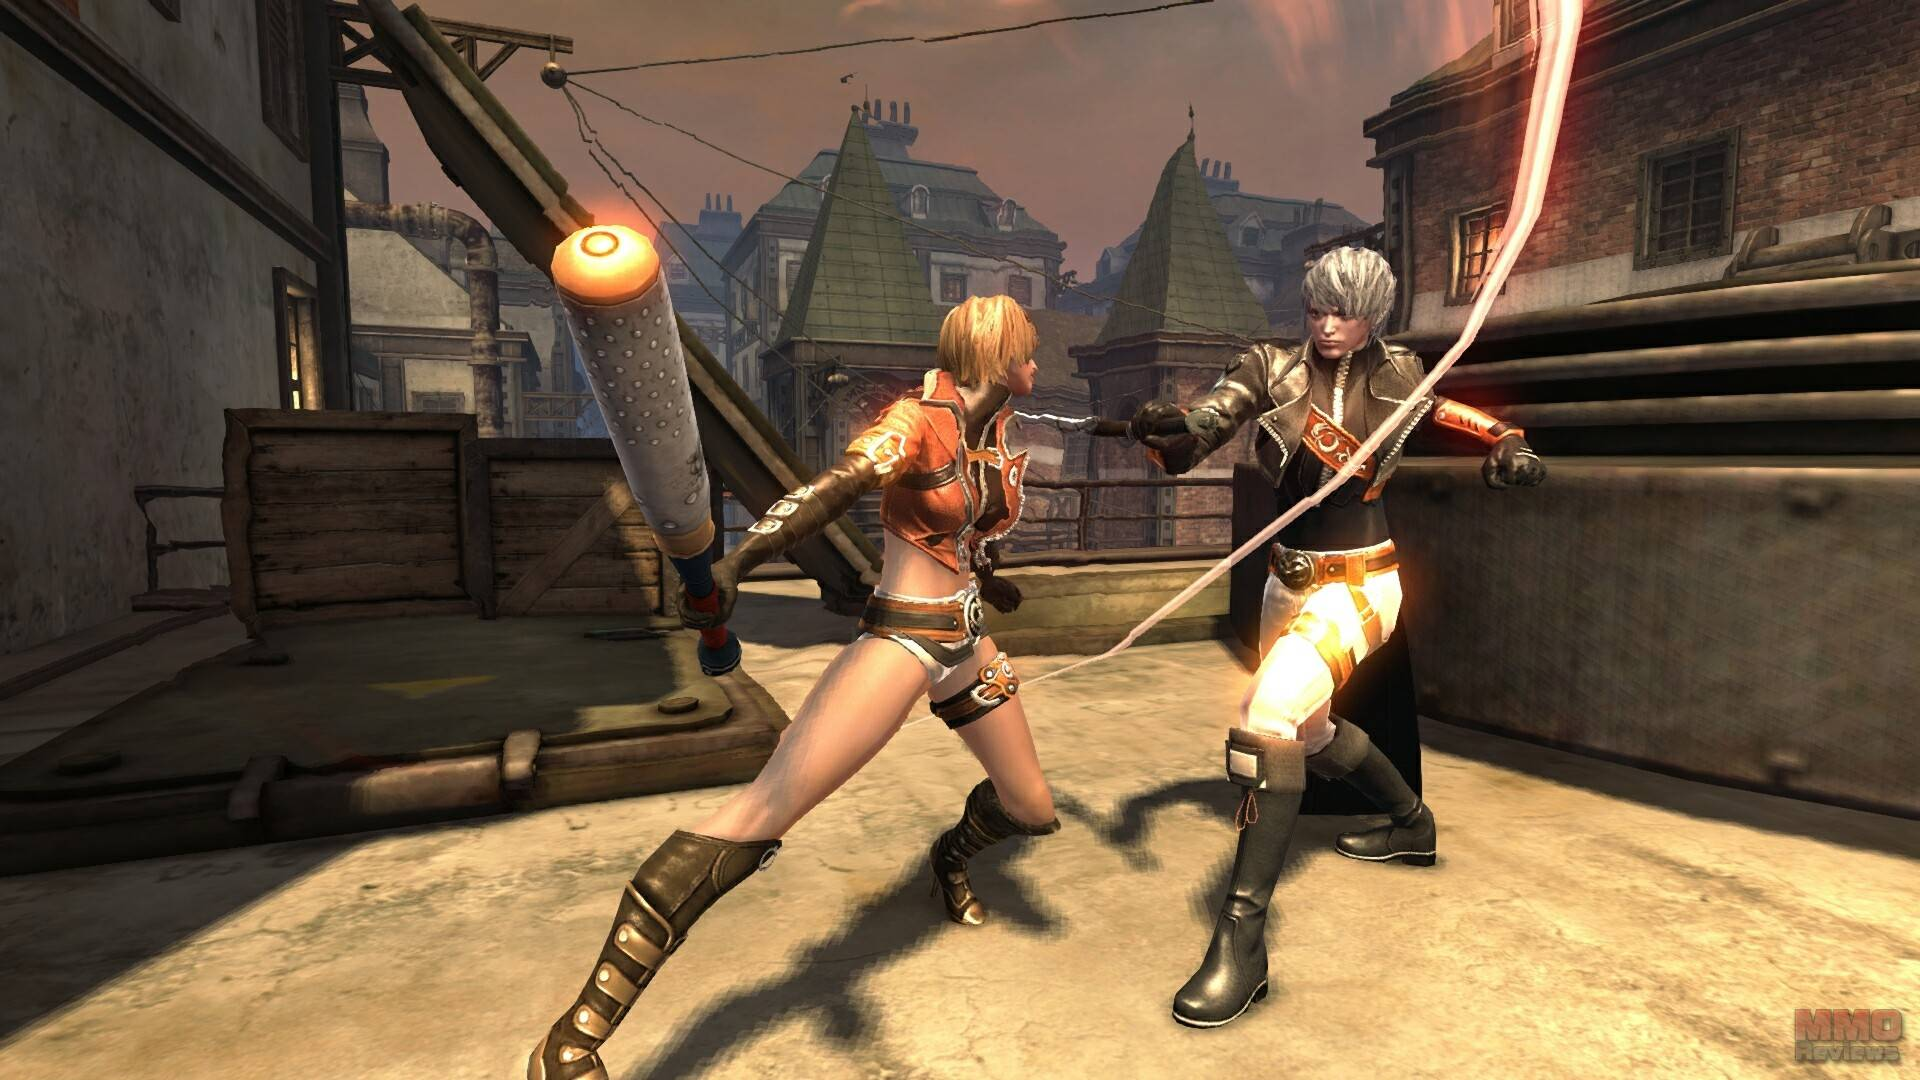 Imagenes de GunZ 2: The Second Duel